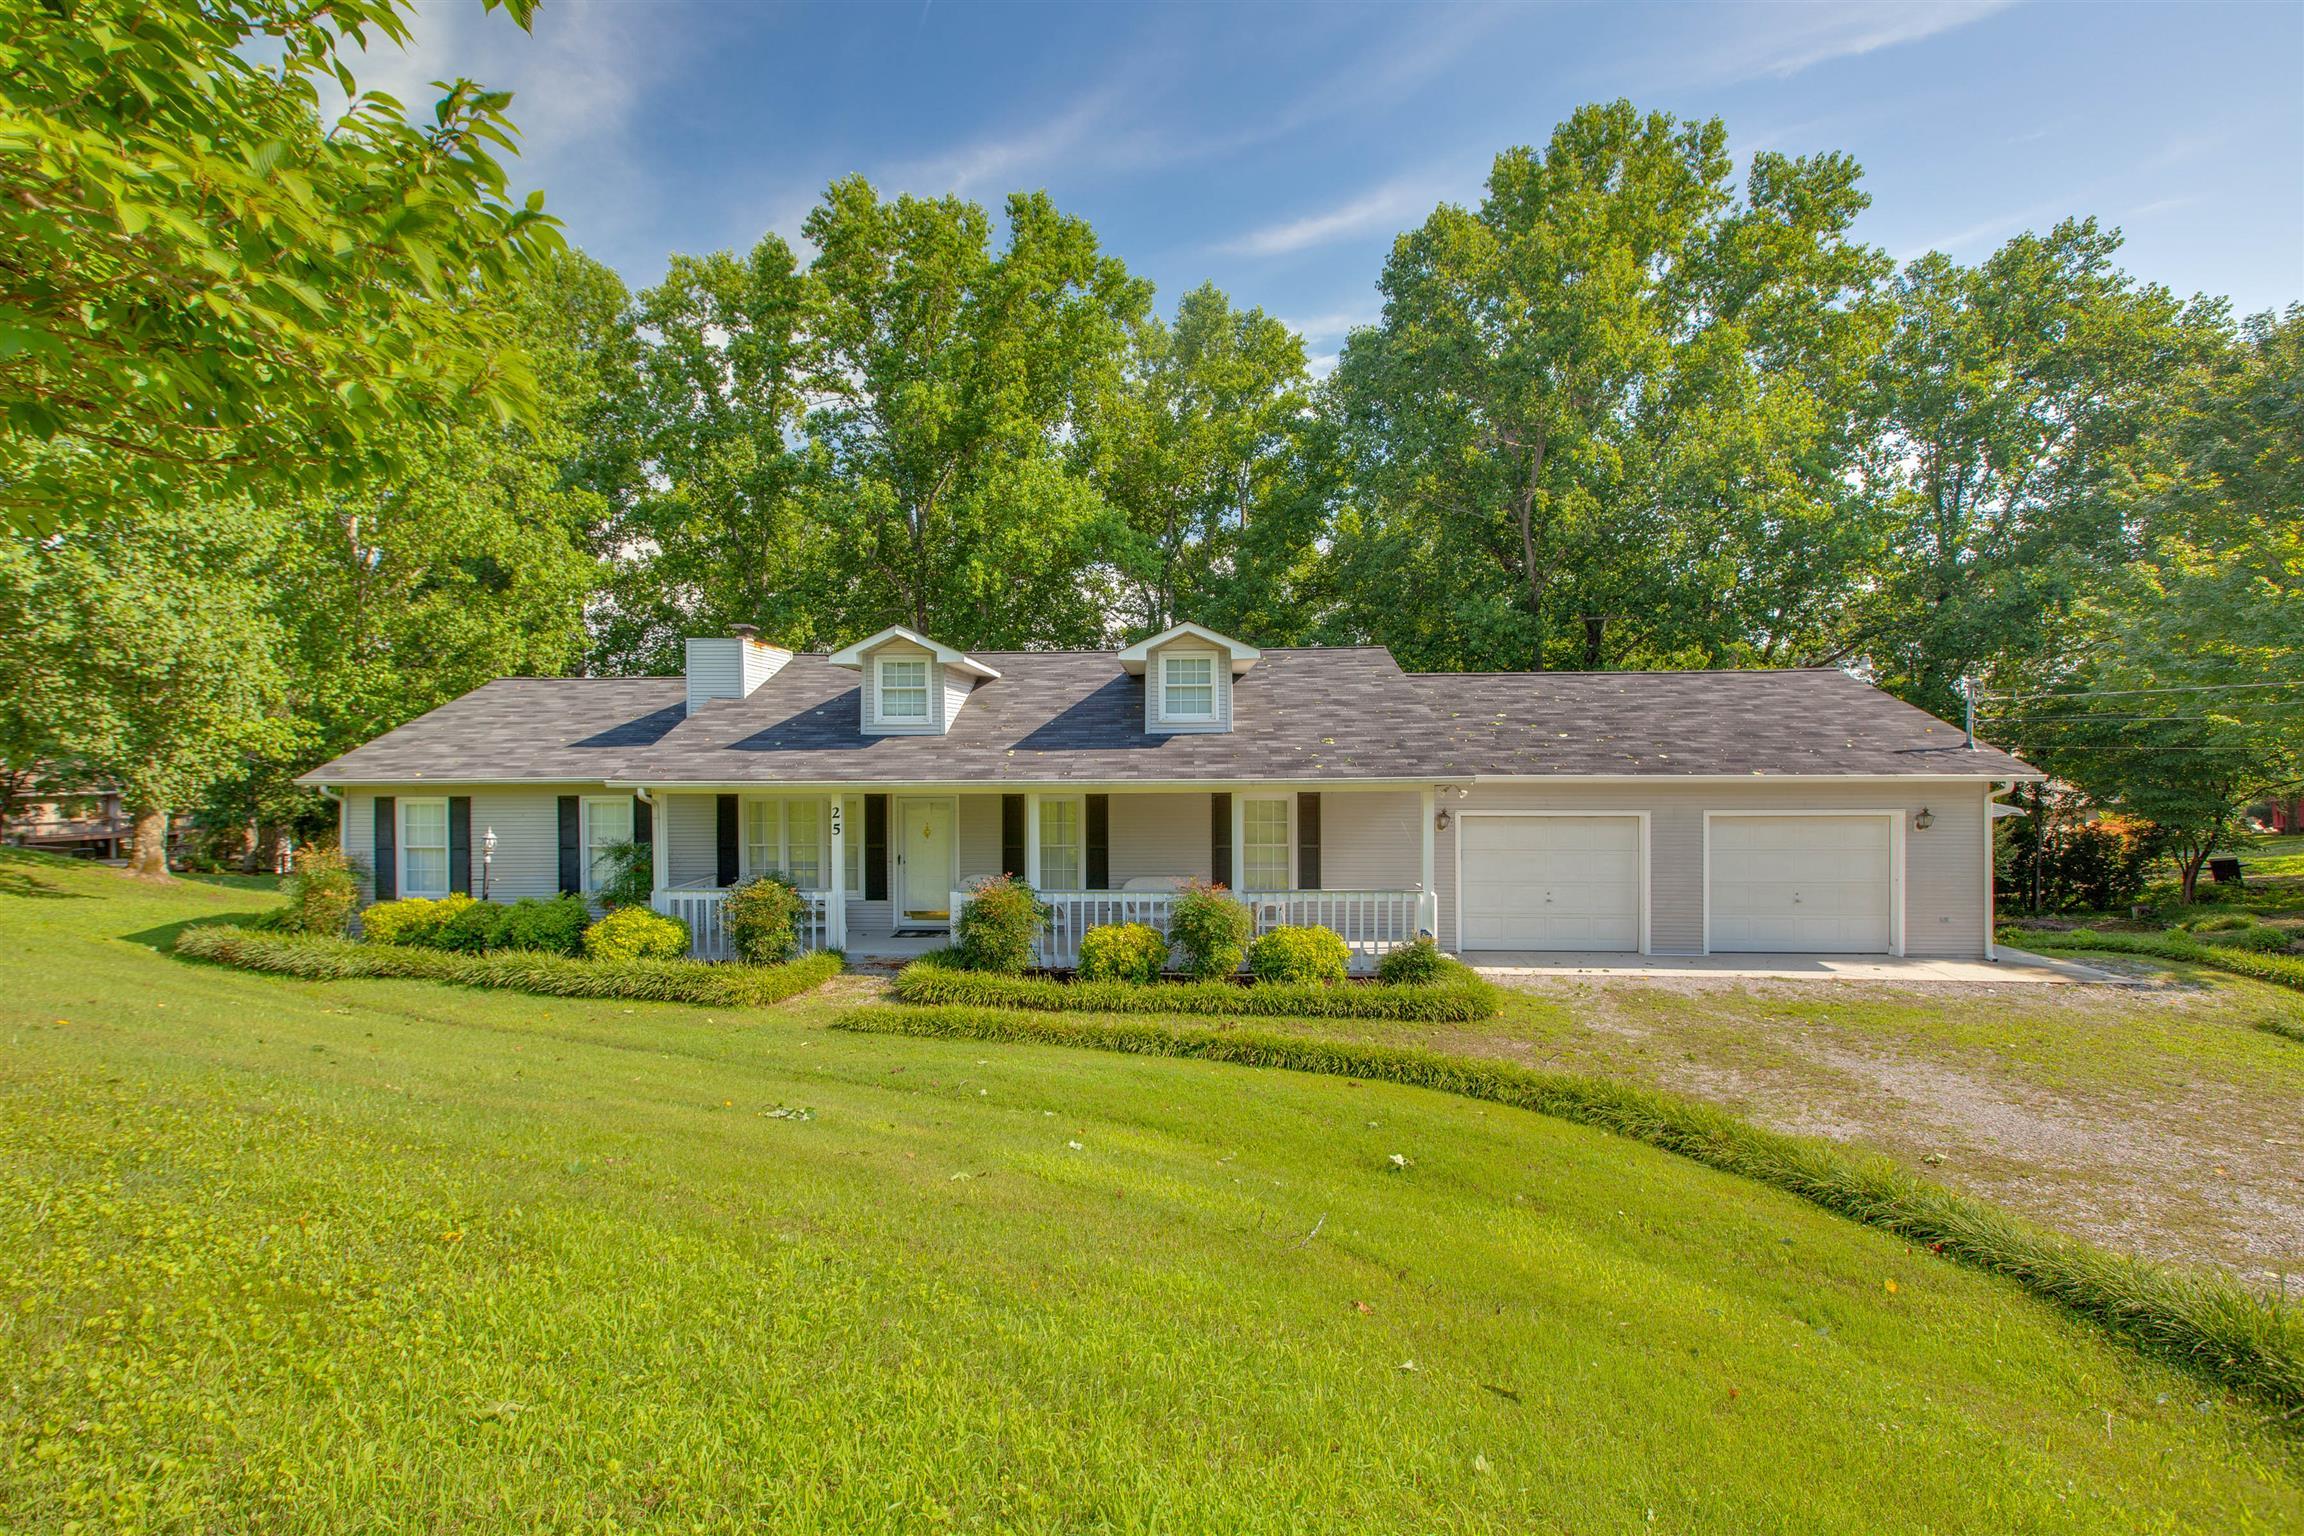 25 Cove Lake Cir, Winchester, TN 37398 - Winchester, TN real estate listing